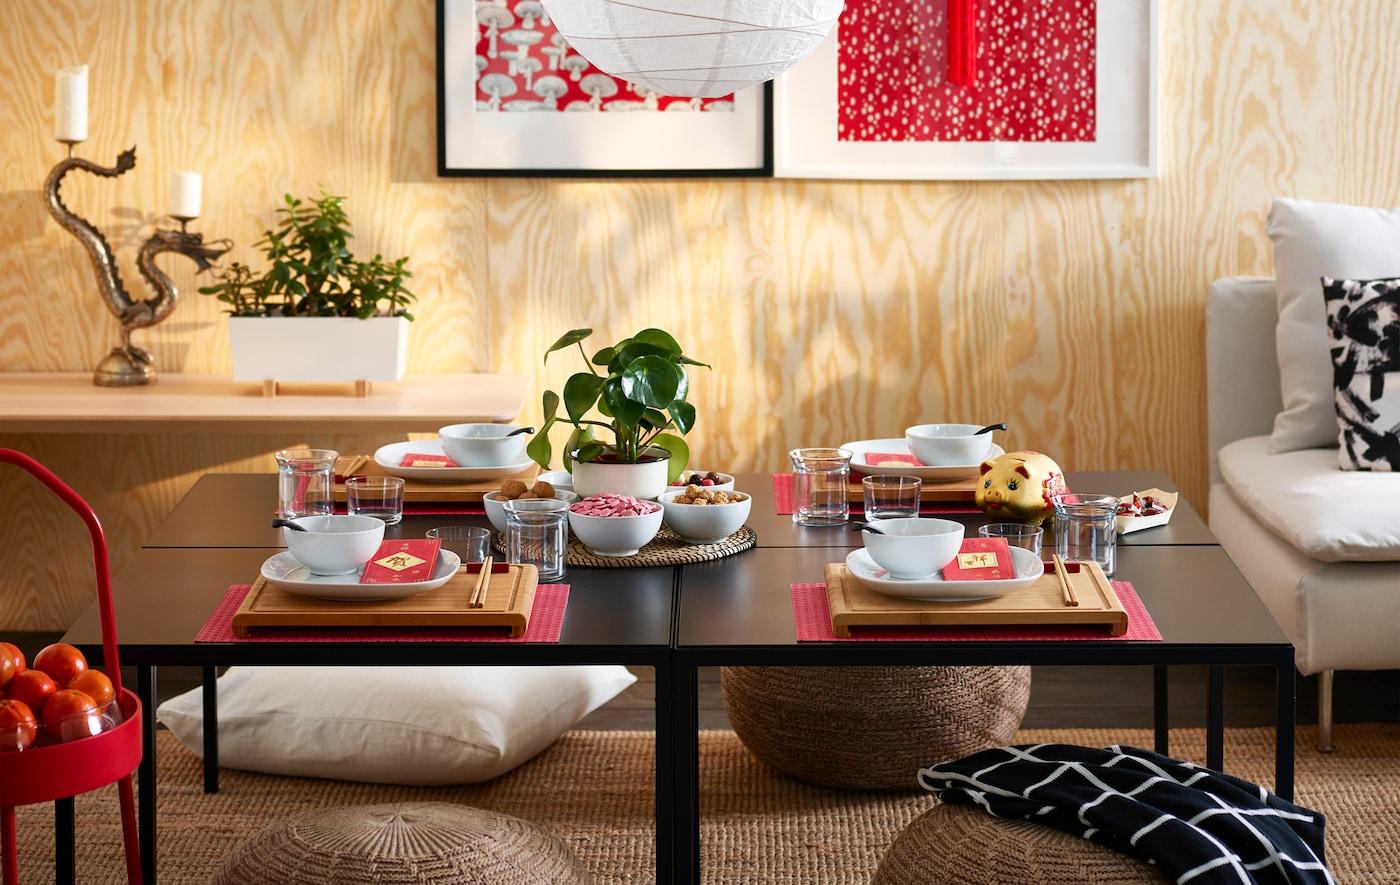 Jedna je od ideja za pripremu odgovarajućeg ugođaja postavljanje stola uz RIMFORSA daske za rezanje od bambusa.